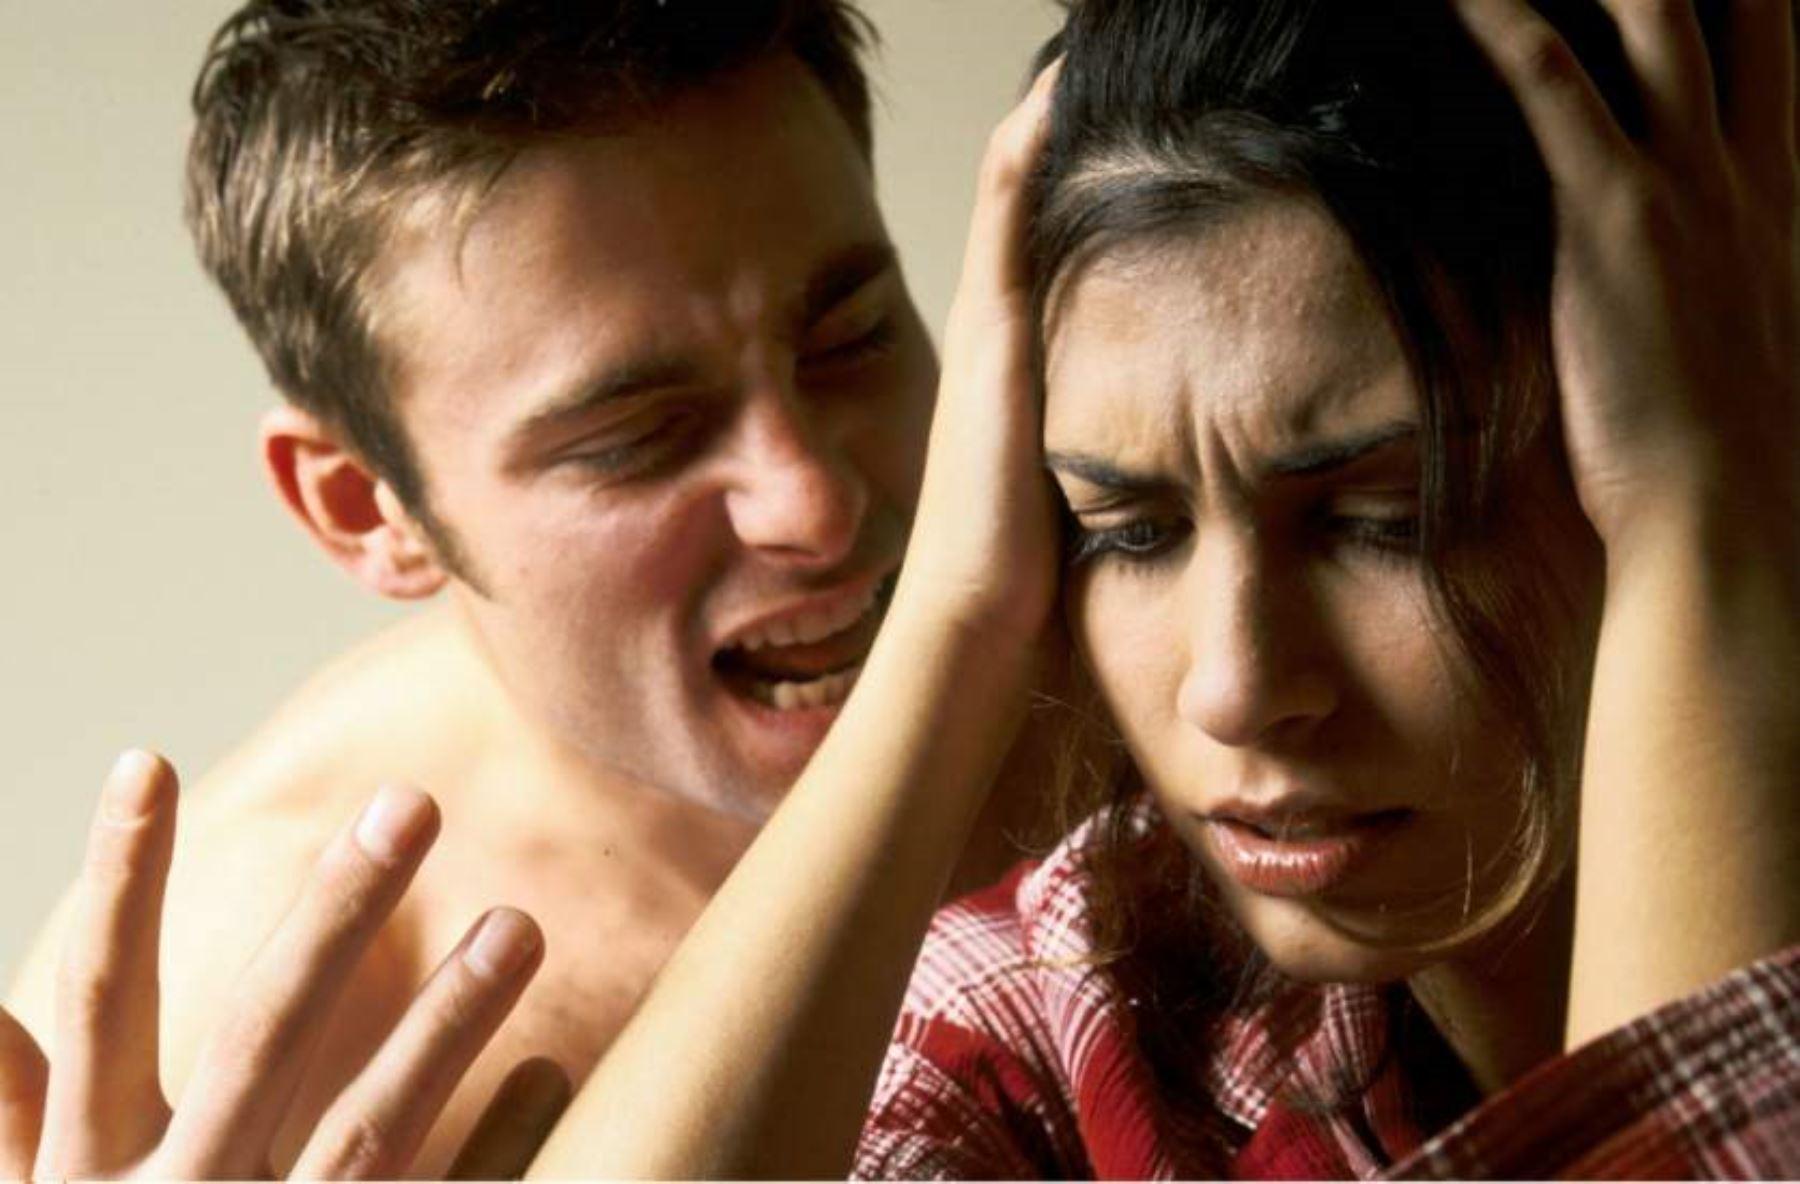 Psicoterapeuta Sobre Violencia Psicológica Hay Que Cuadrar